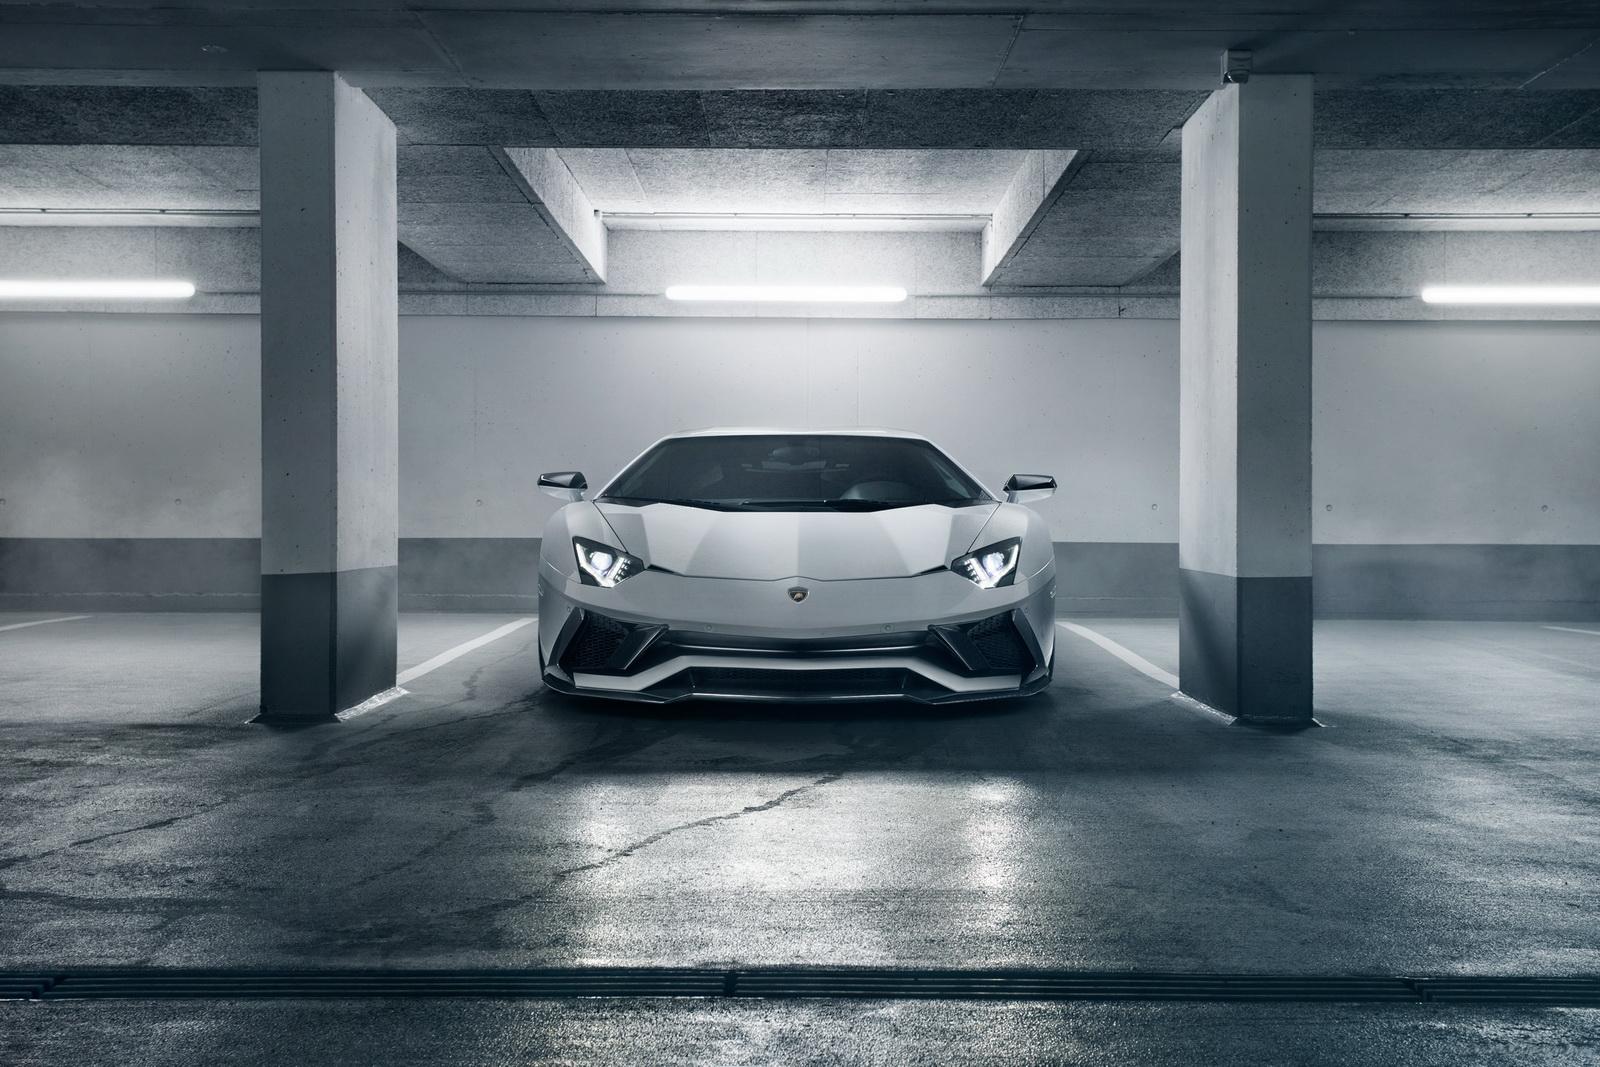 Lamborghini_Aventador_S_by_Novitec_0006